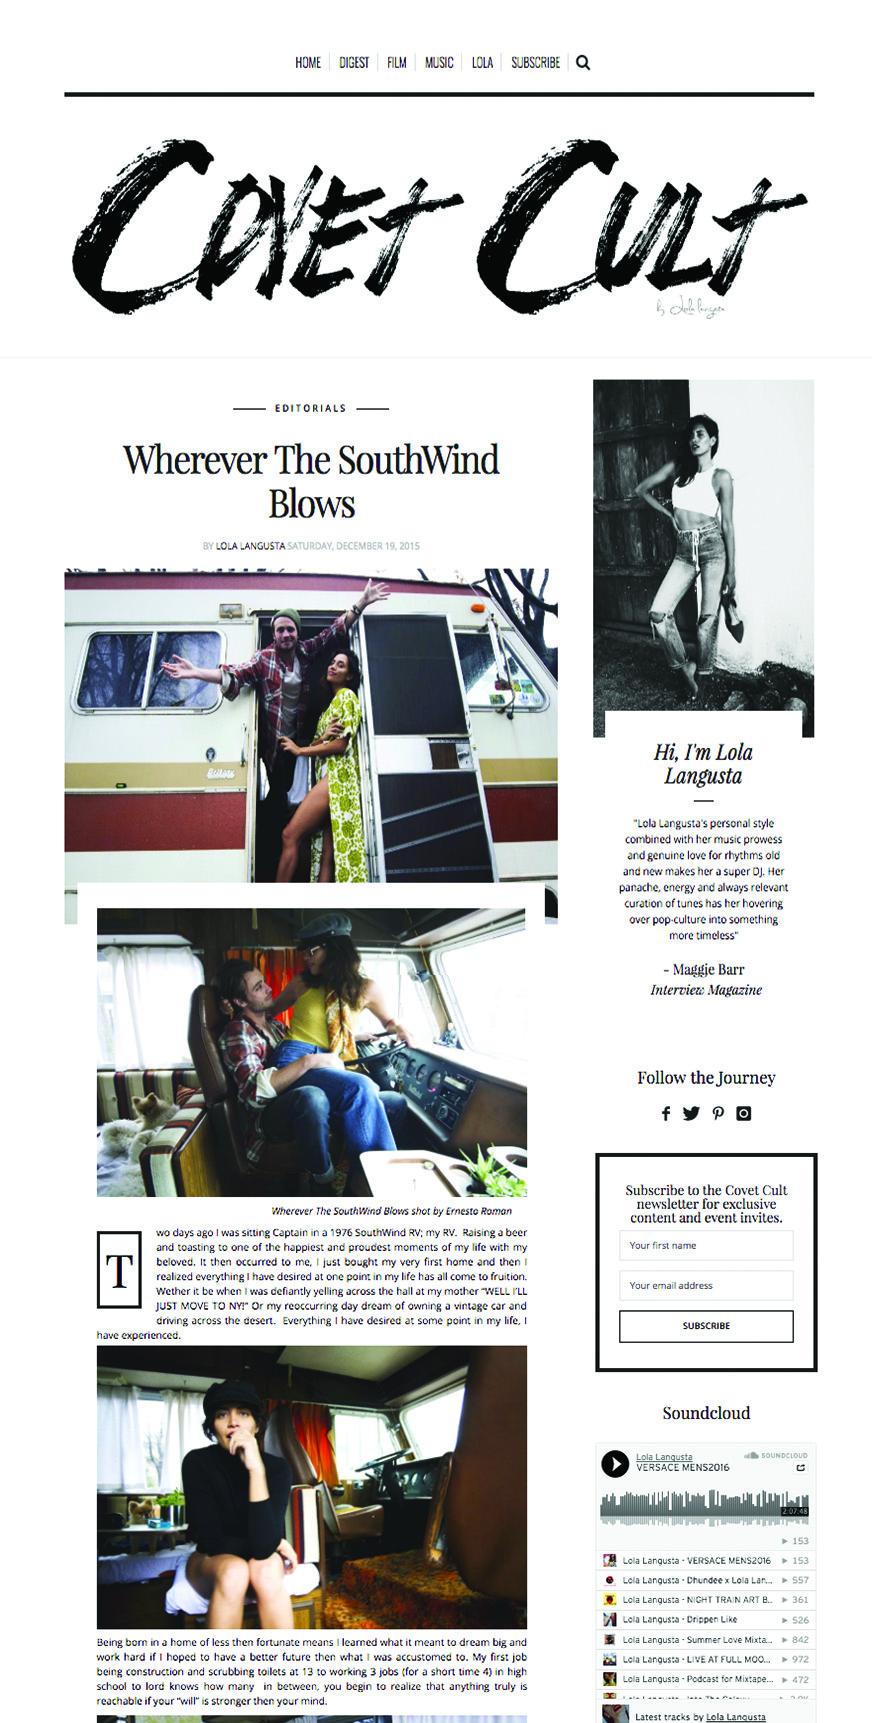 More photos http://covetcult.com/wherever-the-southwind-blows/